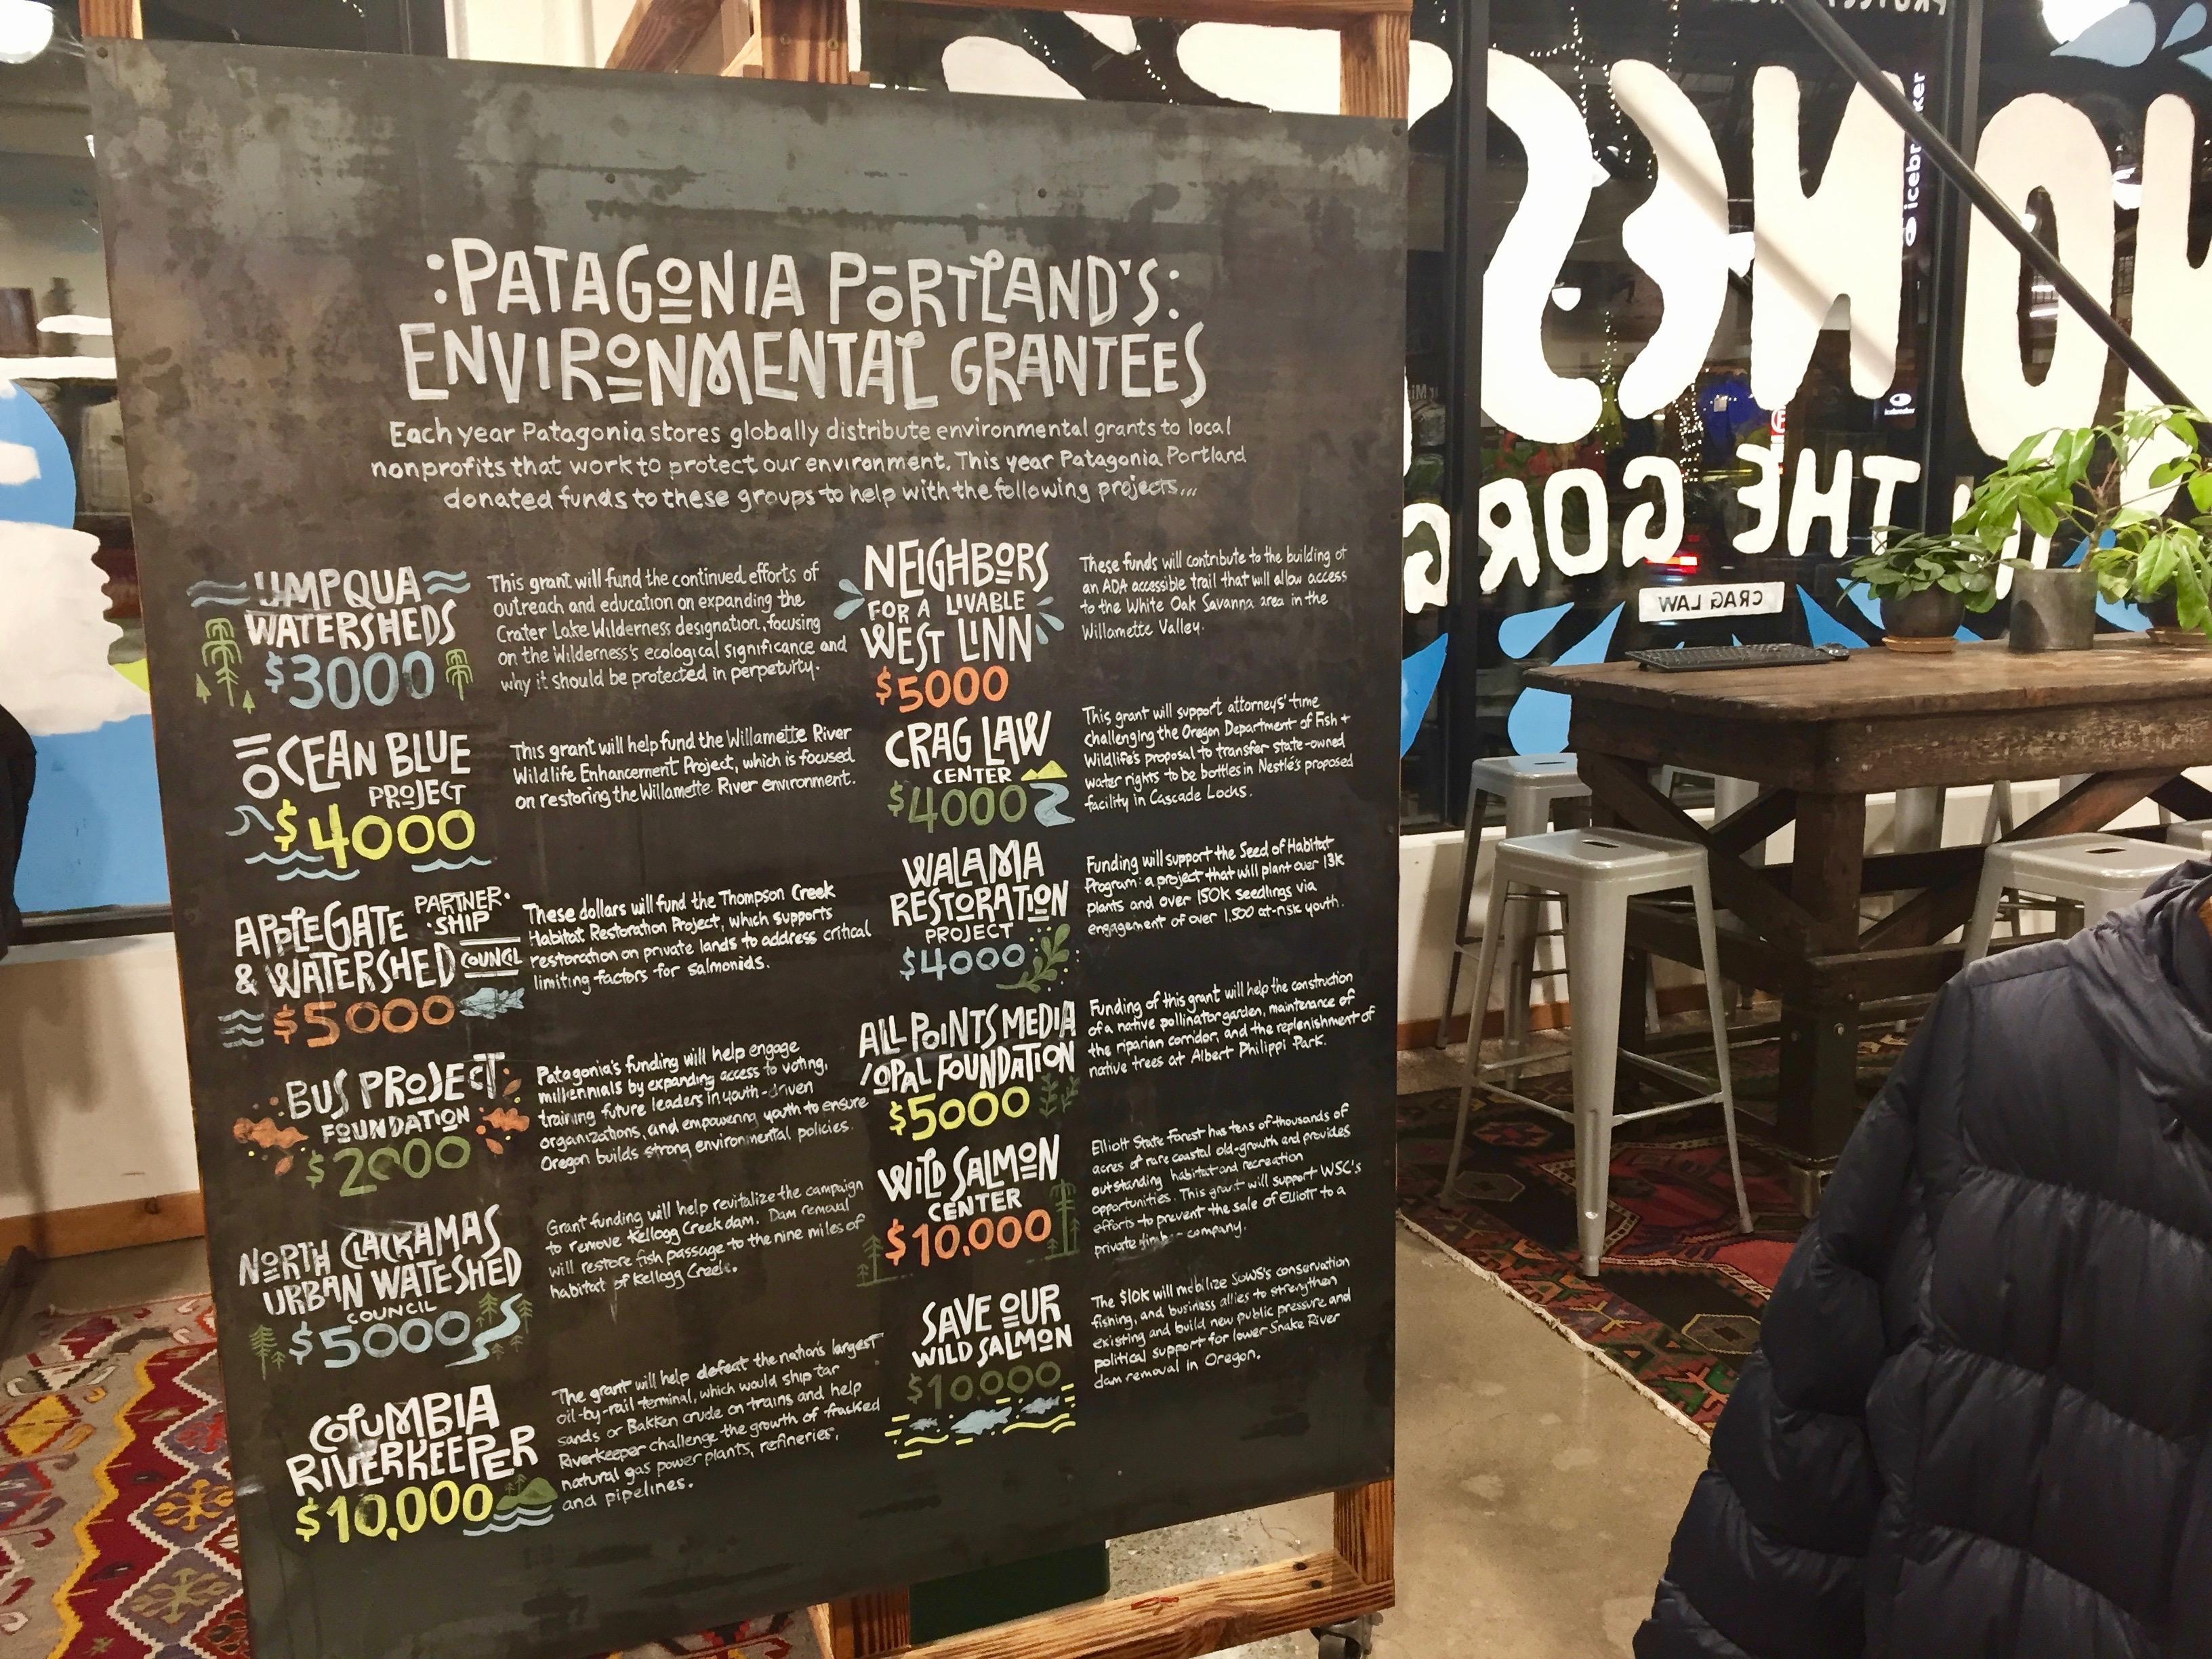 ポートランド アウトドア keen rei snow peak polar patagonia 古着 お洒落 ポテトサラダ 世界一周 旅 ブログ